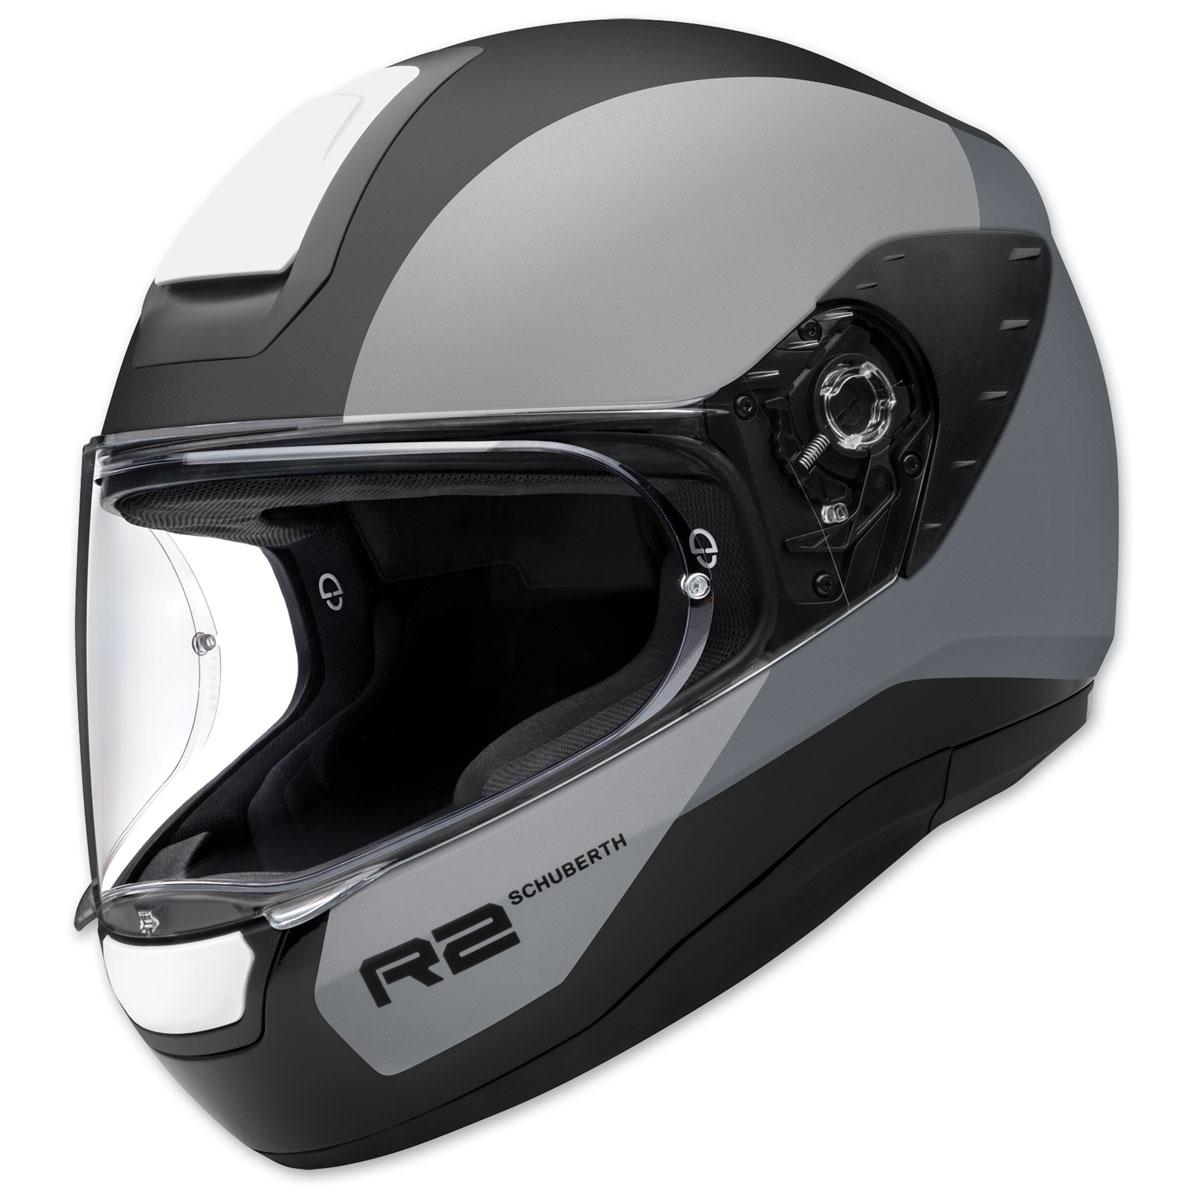 Schuberth R2 Apex Gray Full Face Helmet